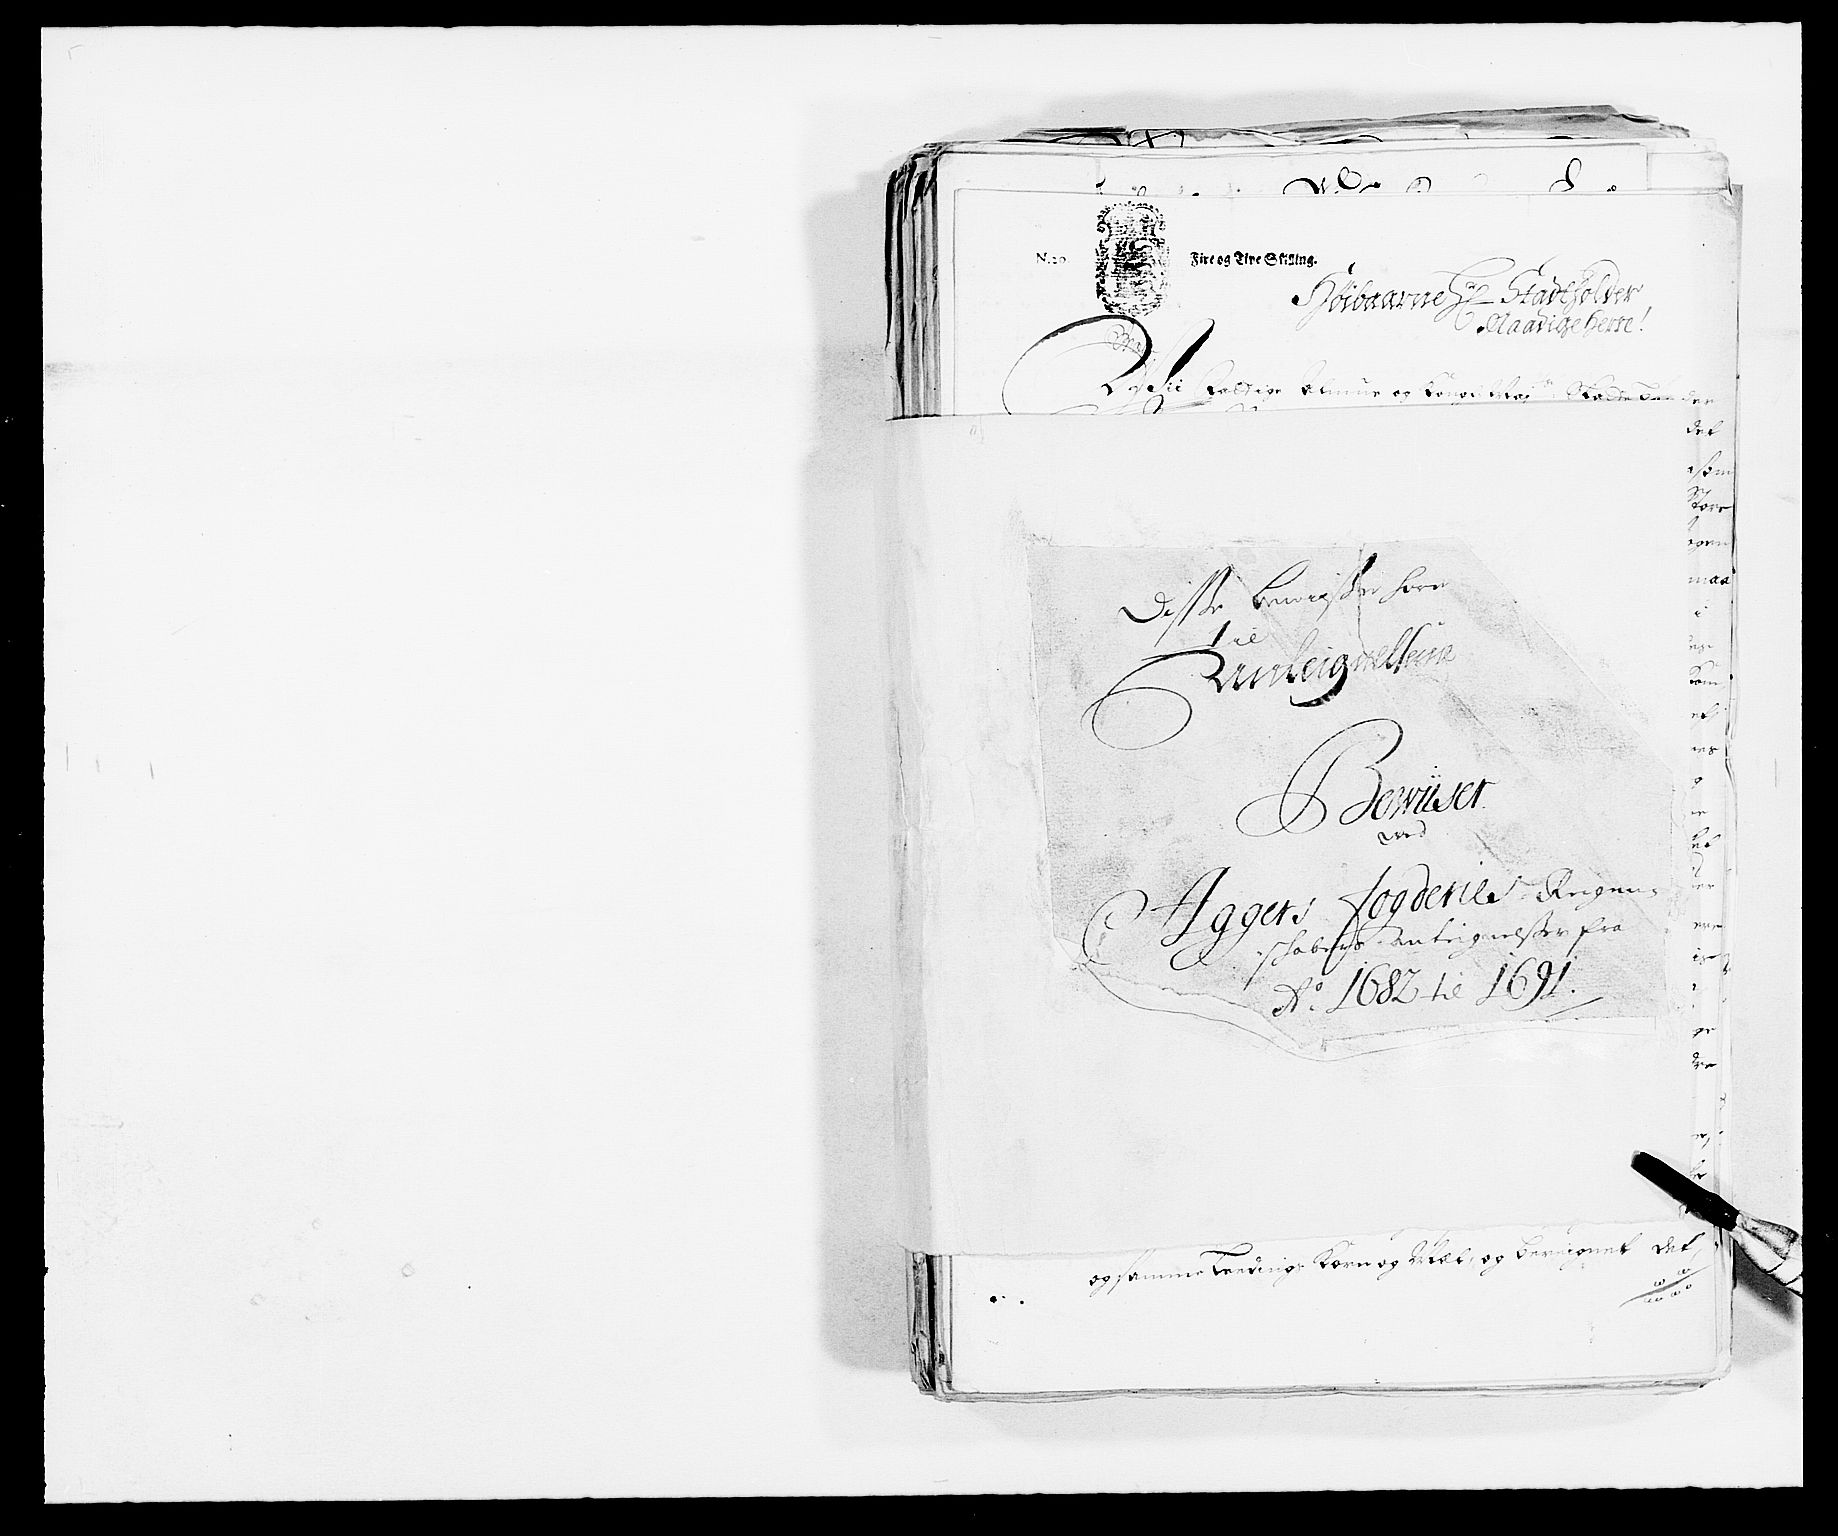 RA, Rentekammeret inntil 1814, Reviderte regnskaper, Fogderegnskap, R08/L0425: Fogderegnskap Aker, 1690-1691, s. 327